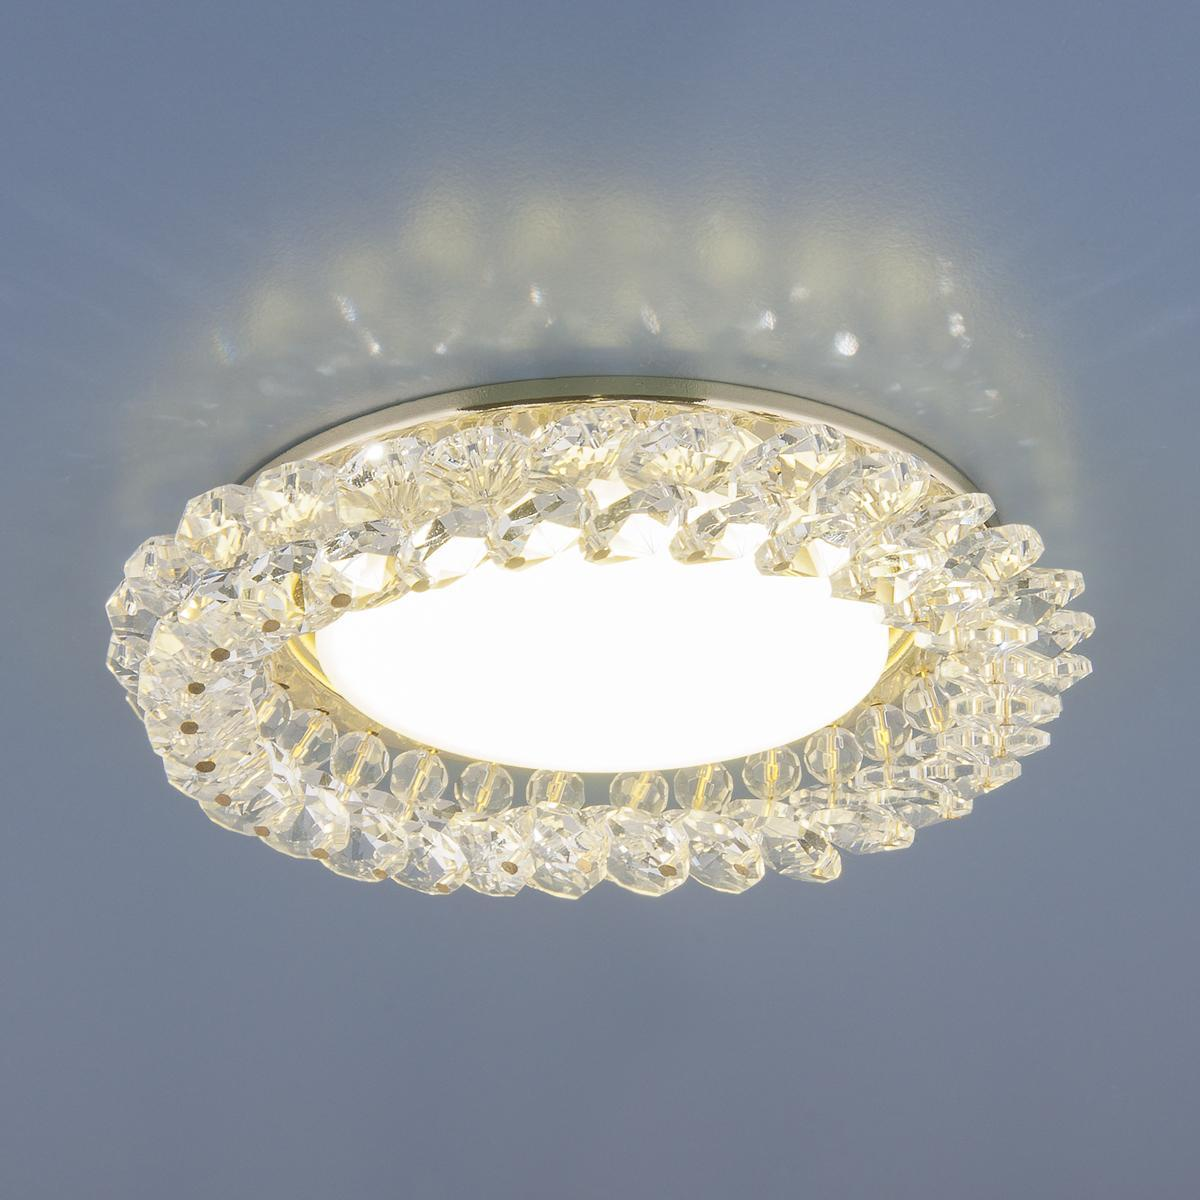 Встраиваемый светильник Elektrostandard 1063 GX53 GD/CL золото/прозрачный 4690389075674 встраиваемый светильник elektrostandard 1063 gx53 gd cl золото прозрачный 4690389075674